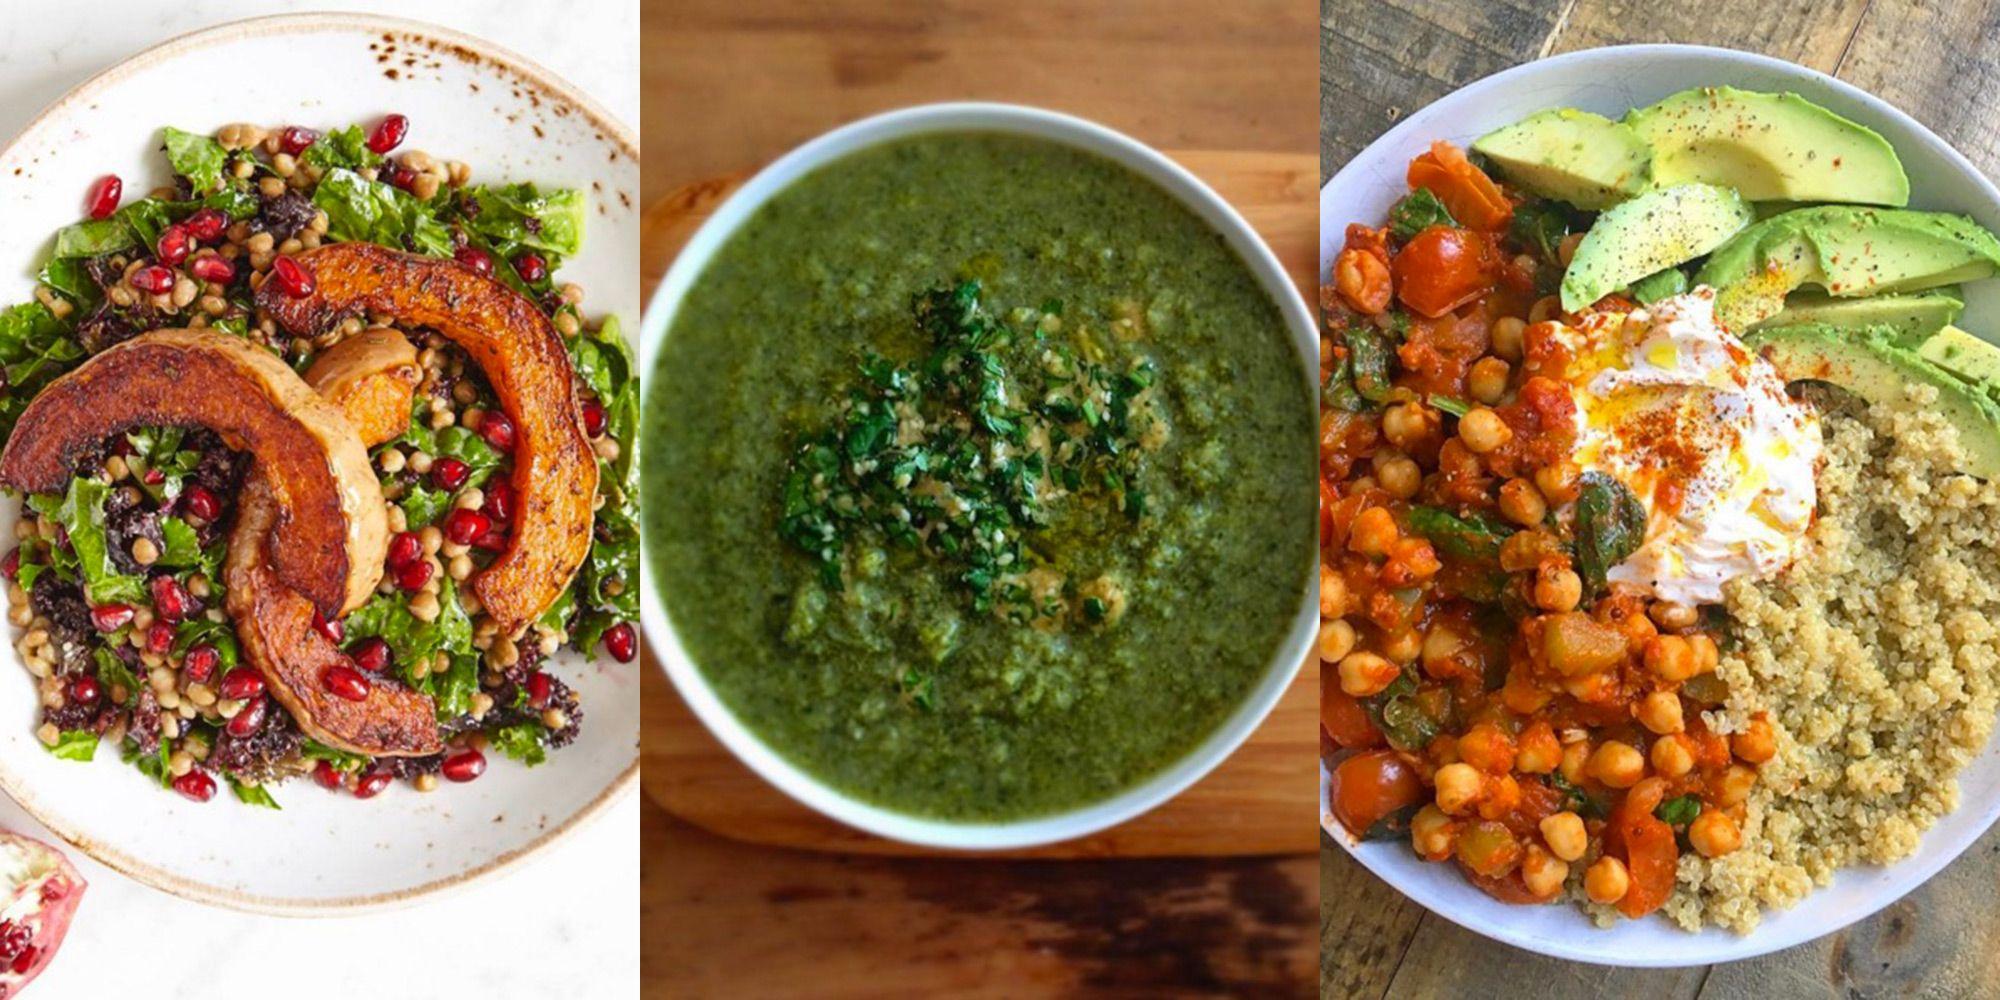 healthy food, instagram, clean eating